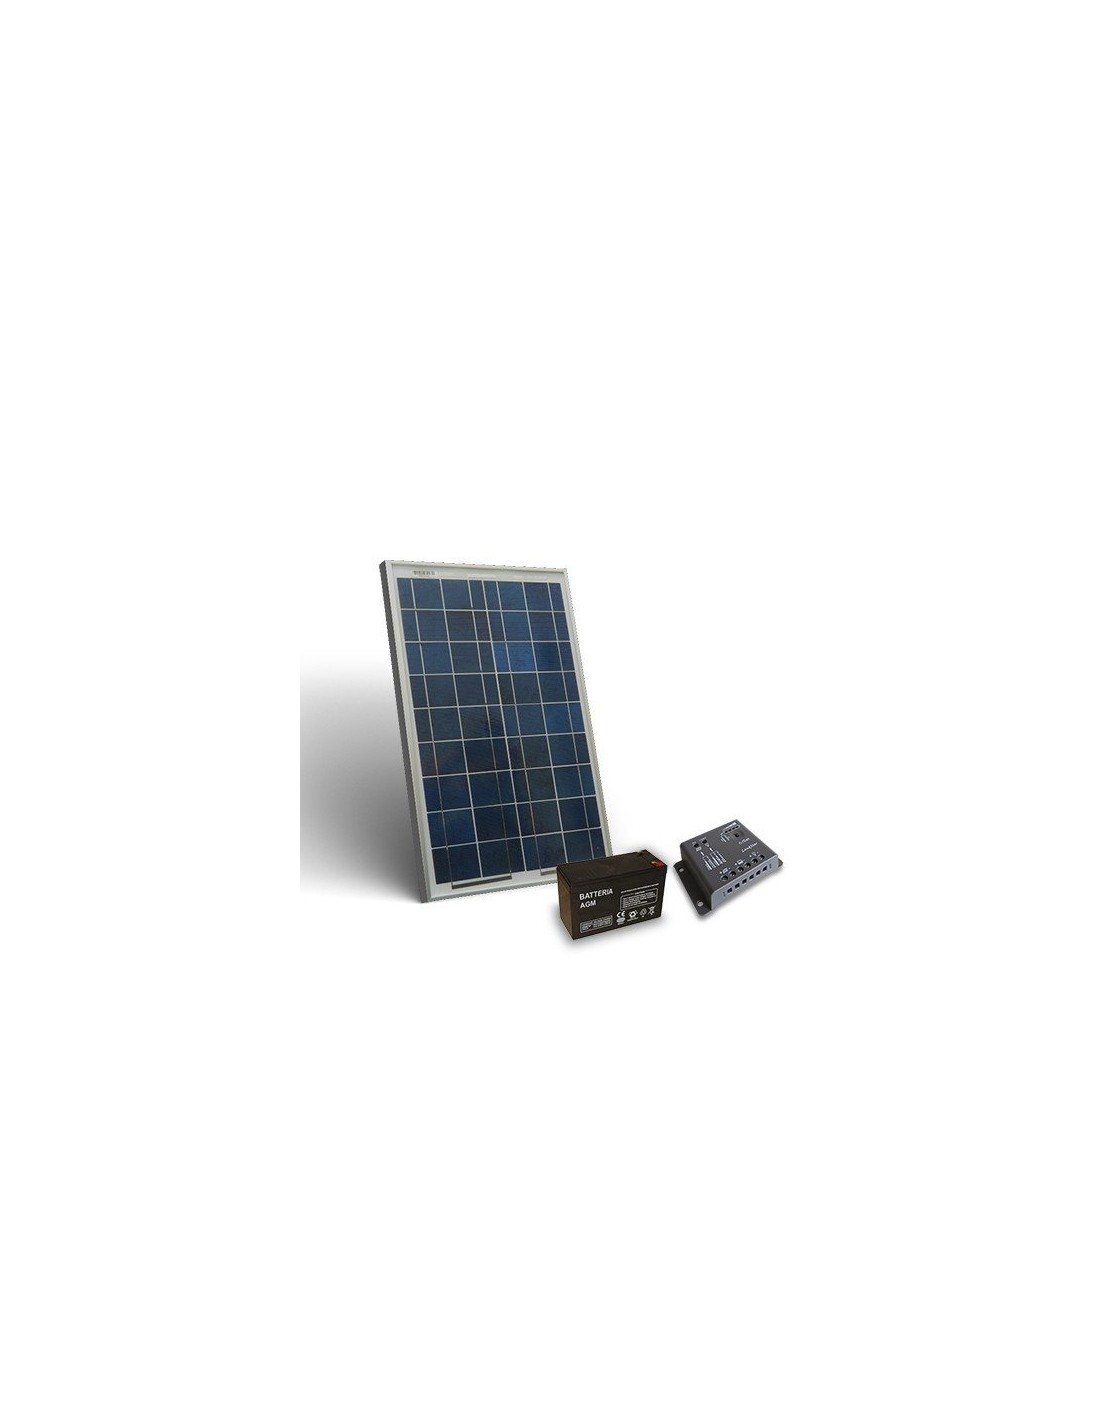 Kit Pannello Solare 10w : Kit solare pro w v pannello fotovoltaico regolatore a pwm